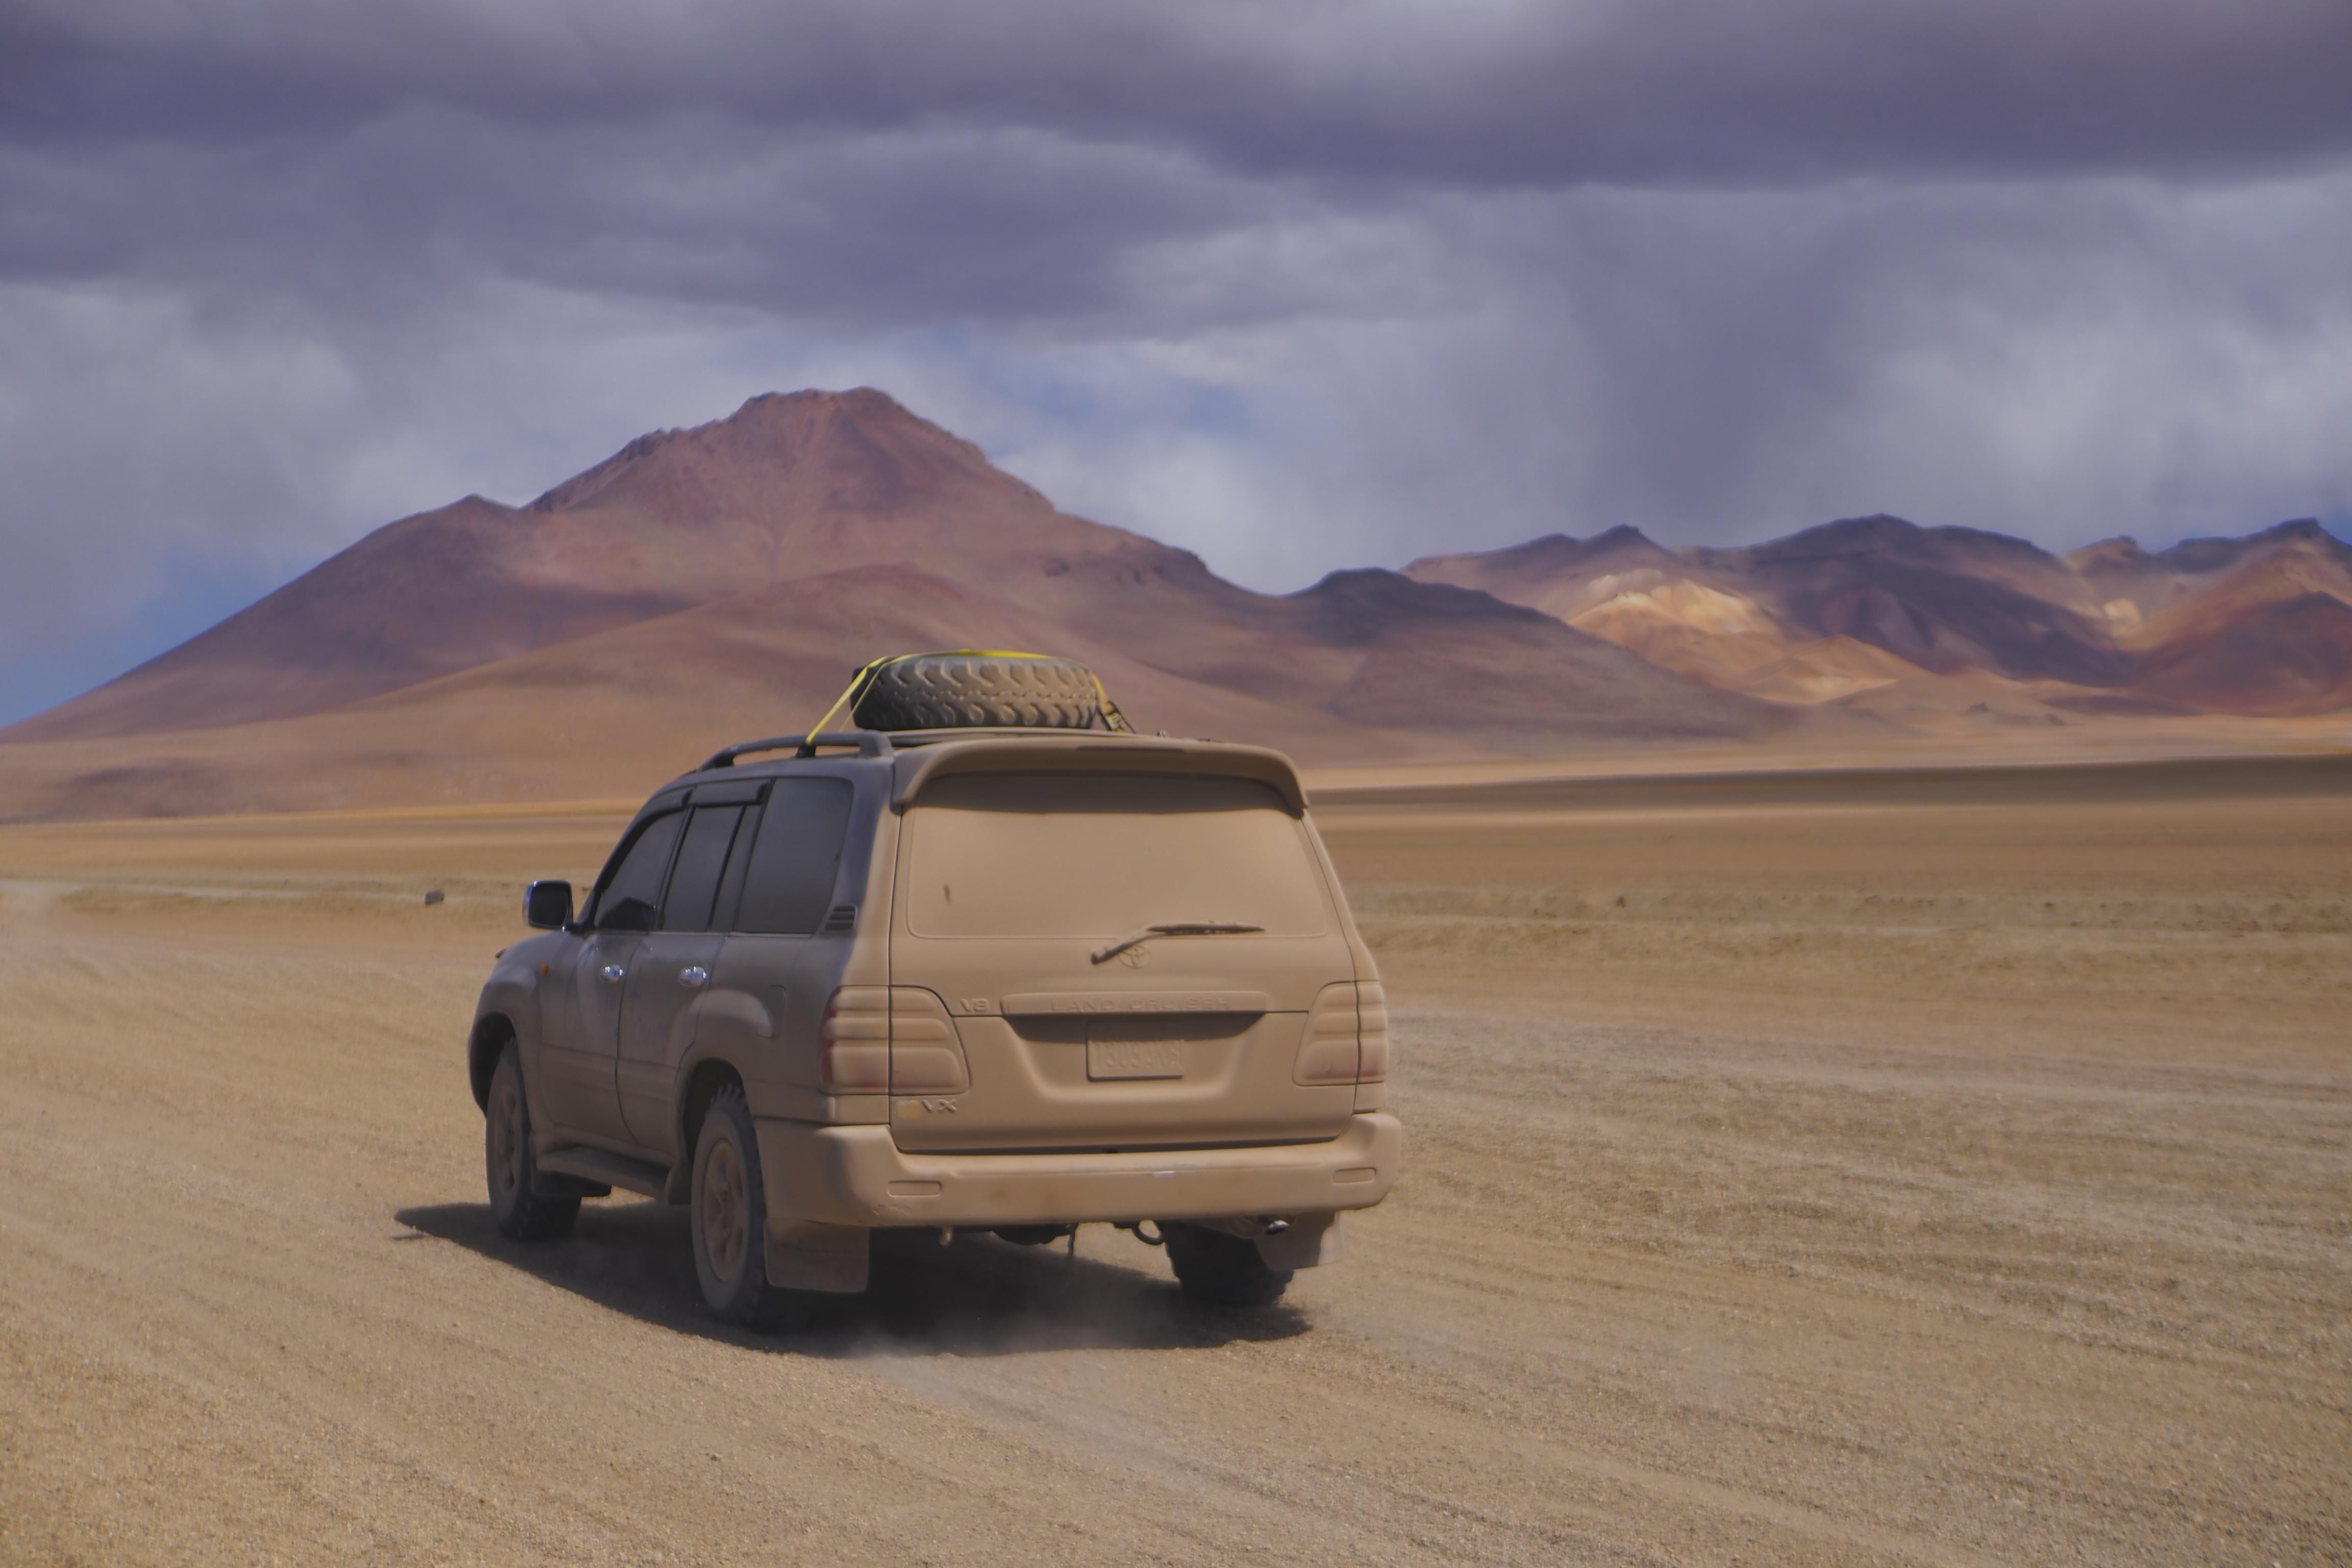 SUV running on desert during daytime